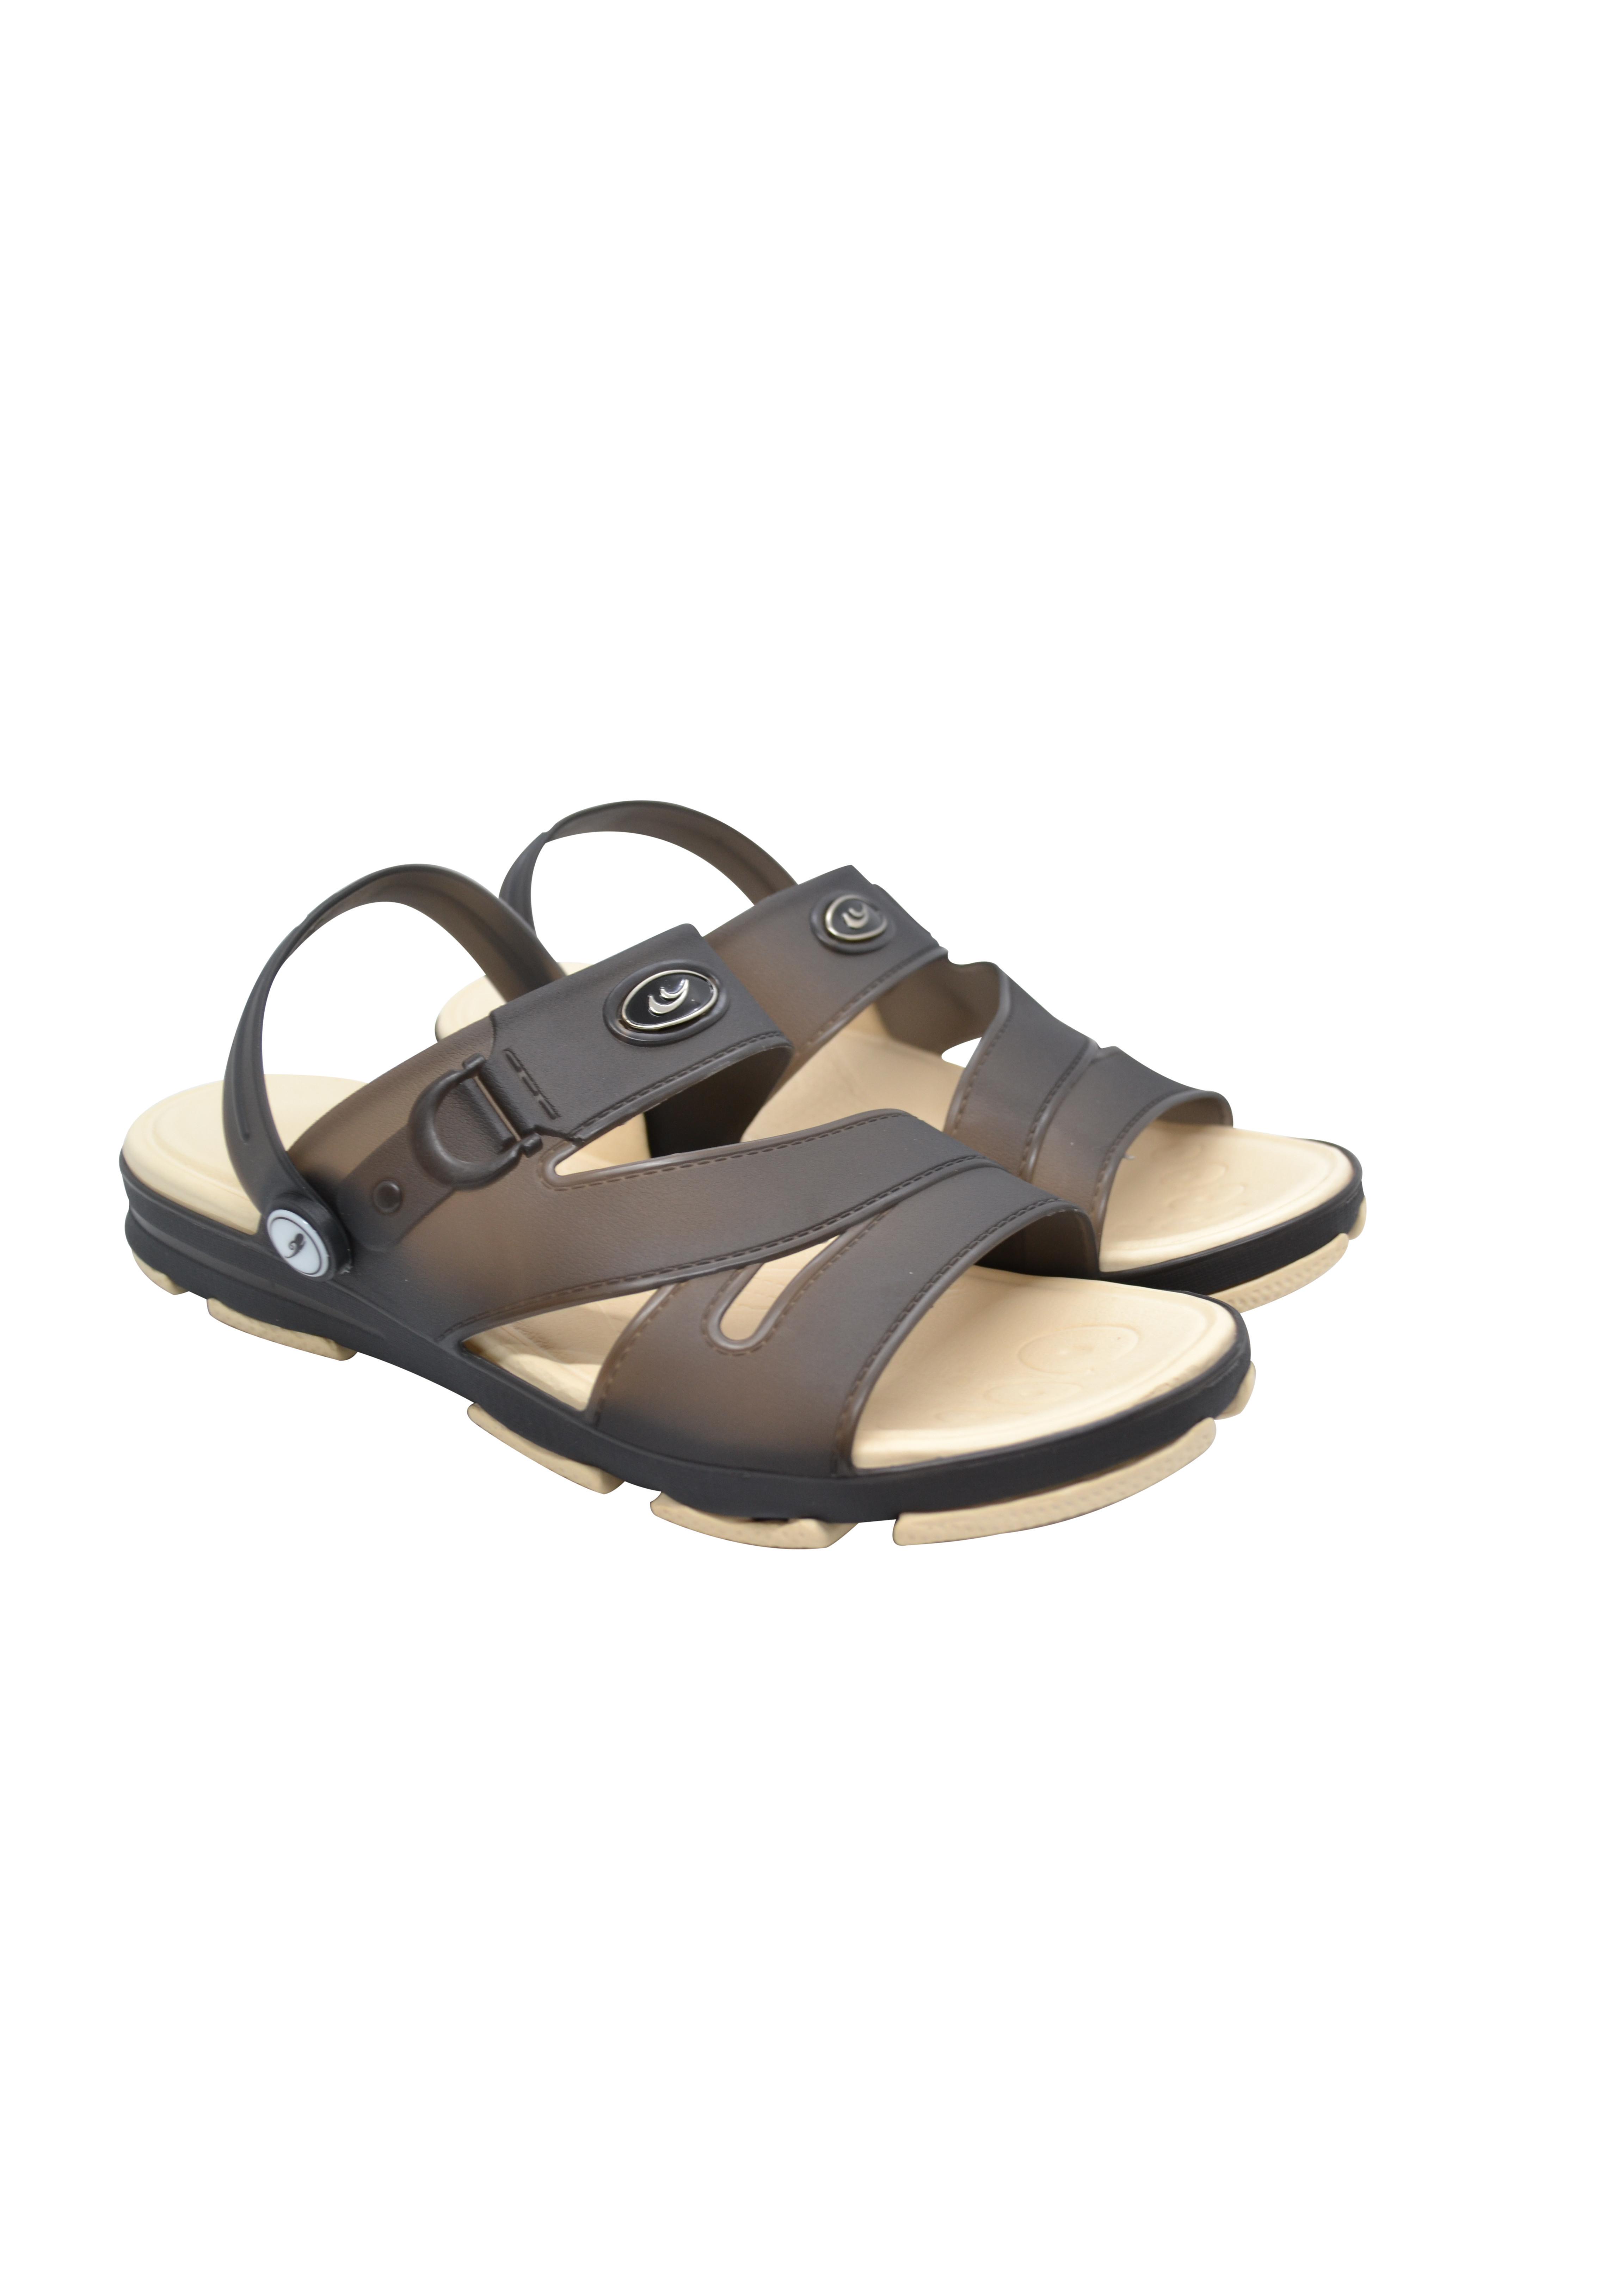 Sandals nhựa nam K2874